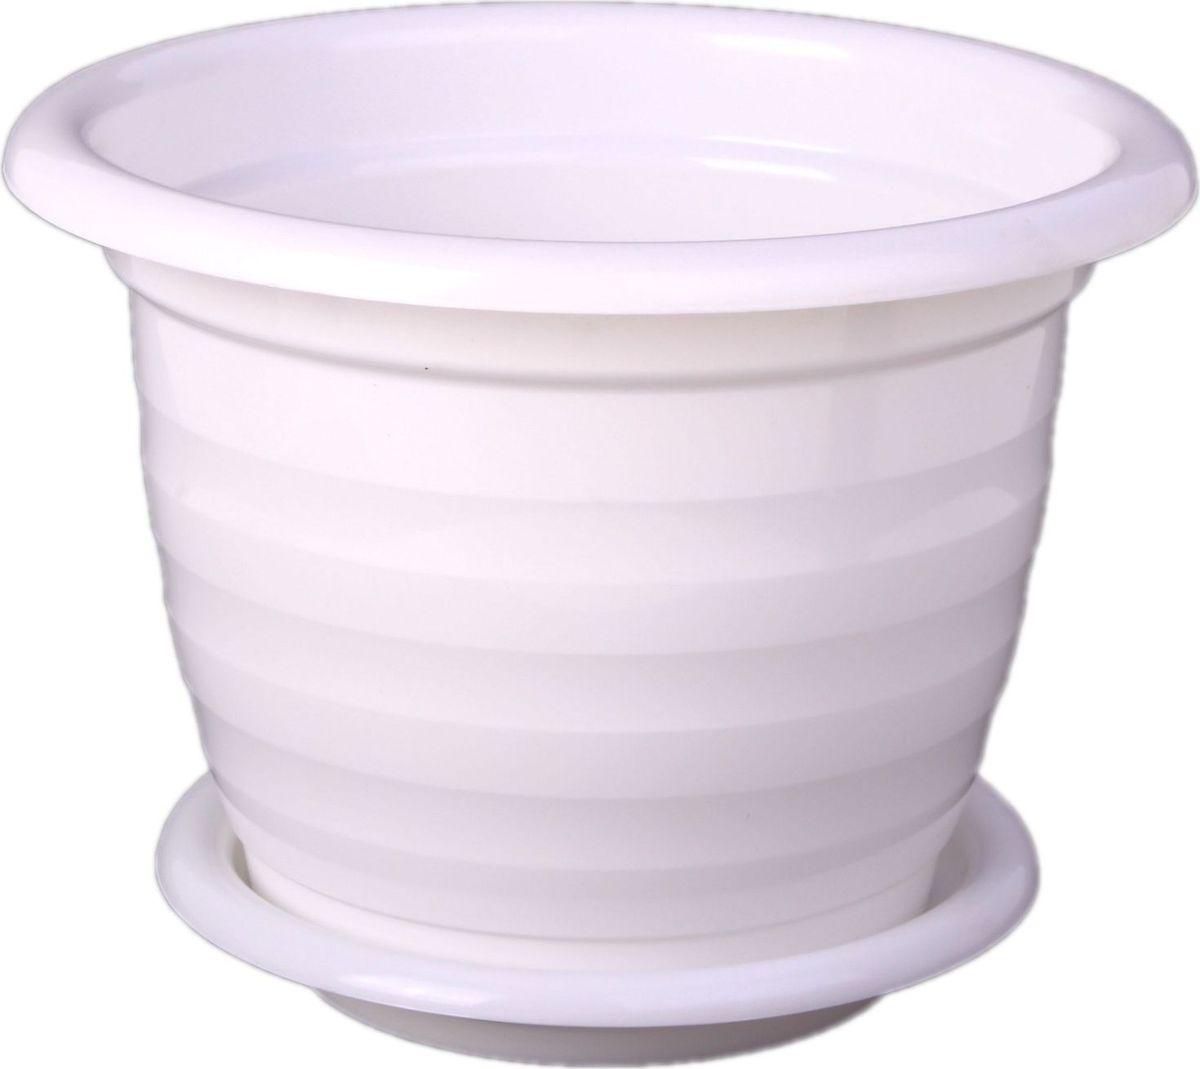 Горшок для цветов Альтернатива Виола, с поддоном, цвет: белый, 3,5 л577744Любой, даже самый современный и продуманный интерьер будет не завершённым без растений. Они не только очищают воздух и насыщают его кислородом, но и заметно украшают окружающее пространство. Такому полезному &laquo члену семьи&raquoпросто необходимо красивое и функциональное кашпо, оригинальный горшок или необычная ваза! Мы предлагаем - Горшок для цветов 3,5 л Виола с поддоном, цвет белый!Оптимальный выбор материала &mdash &nbsp пластмасса! Почему мы так считаем? Малый вес. С лёгкостью переносите горшки и кашпо с места на место, ставьте их на столики или полки, подвешивайте под потолок, не беспокоясь о нагрузке. Простота ухода. Пластиковые изделия не нуждаются в специальных условиях хранения. Их&nbsp легко чистить &mdashдостаточно просто сполоснуть тёплой водой. Никаких царапин. Пластиковые кашпо не царапают и не загрязняют поверхности, на которых стоят. Пластик дольше хранит влагу, а значит &mdashрастение реже нуждается в поливе. Пластмасса не пропускает воздух &mdashкорневой системе растения не грозят резкие перепады температур. Огромный выбор форм, декора и расцветок &mdashвы без труда подберёте что-то, что идеально впишется в уже существующий интерьер.Соблюдая нехитрые правила ухода, вы можете заметно продлить срок службы горшков, вазонов и кашпо из пластика: всегда учитывайте размер кроны и корневой системы растения (при разрастании большое растение способно повредить маленький горшок)берегите изделие от воздействия прямых солнечных лучей, чтобы кашпо и горшки не выцветалидержите кашпо и горшки из пластика подальше от нагревающихся поверхностей.Создавайте прекрасные цветочные композиции, выращивайте рассаду или необычные растения, а низкие цены позволят вам не ограничивать себя в выборе.